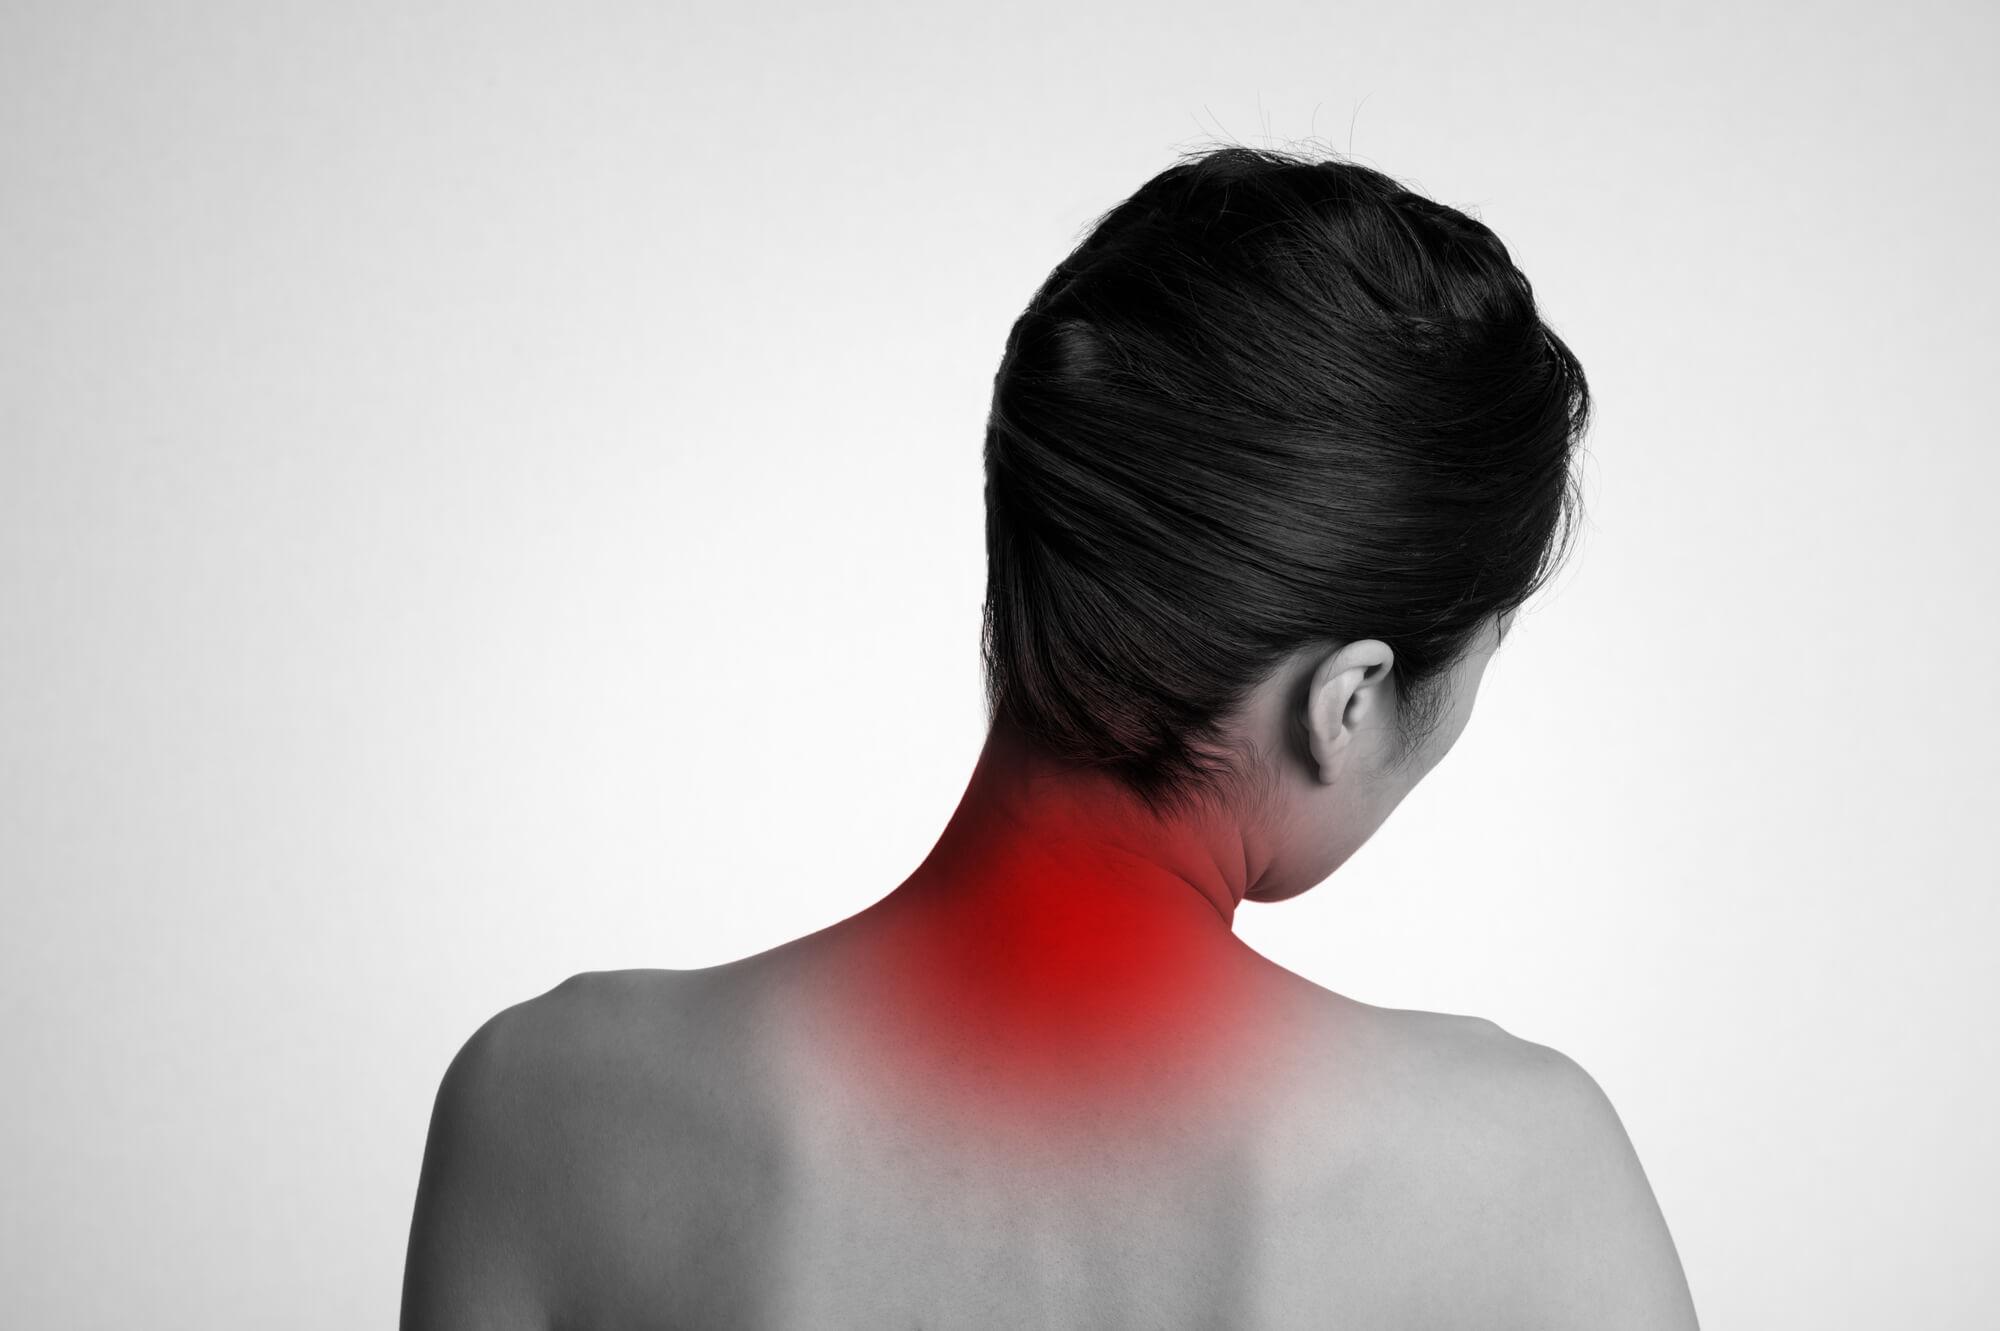 ぎっくり首の症状をかかえる女性